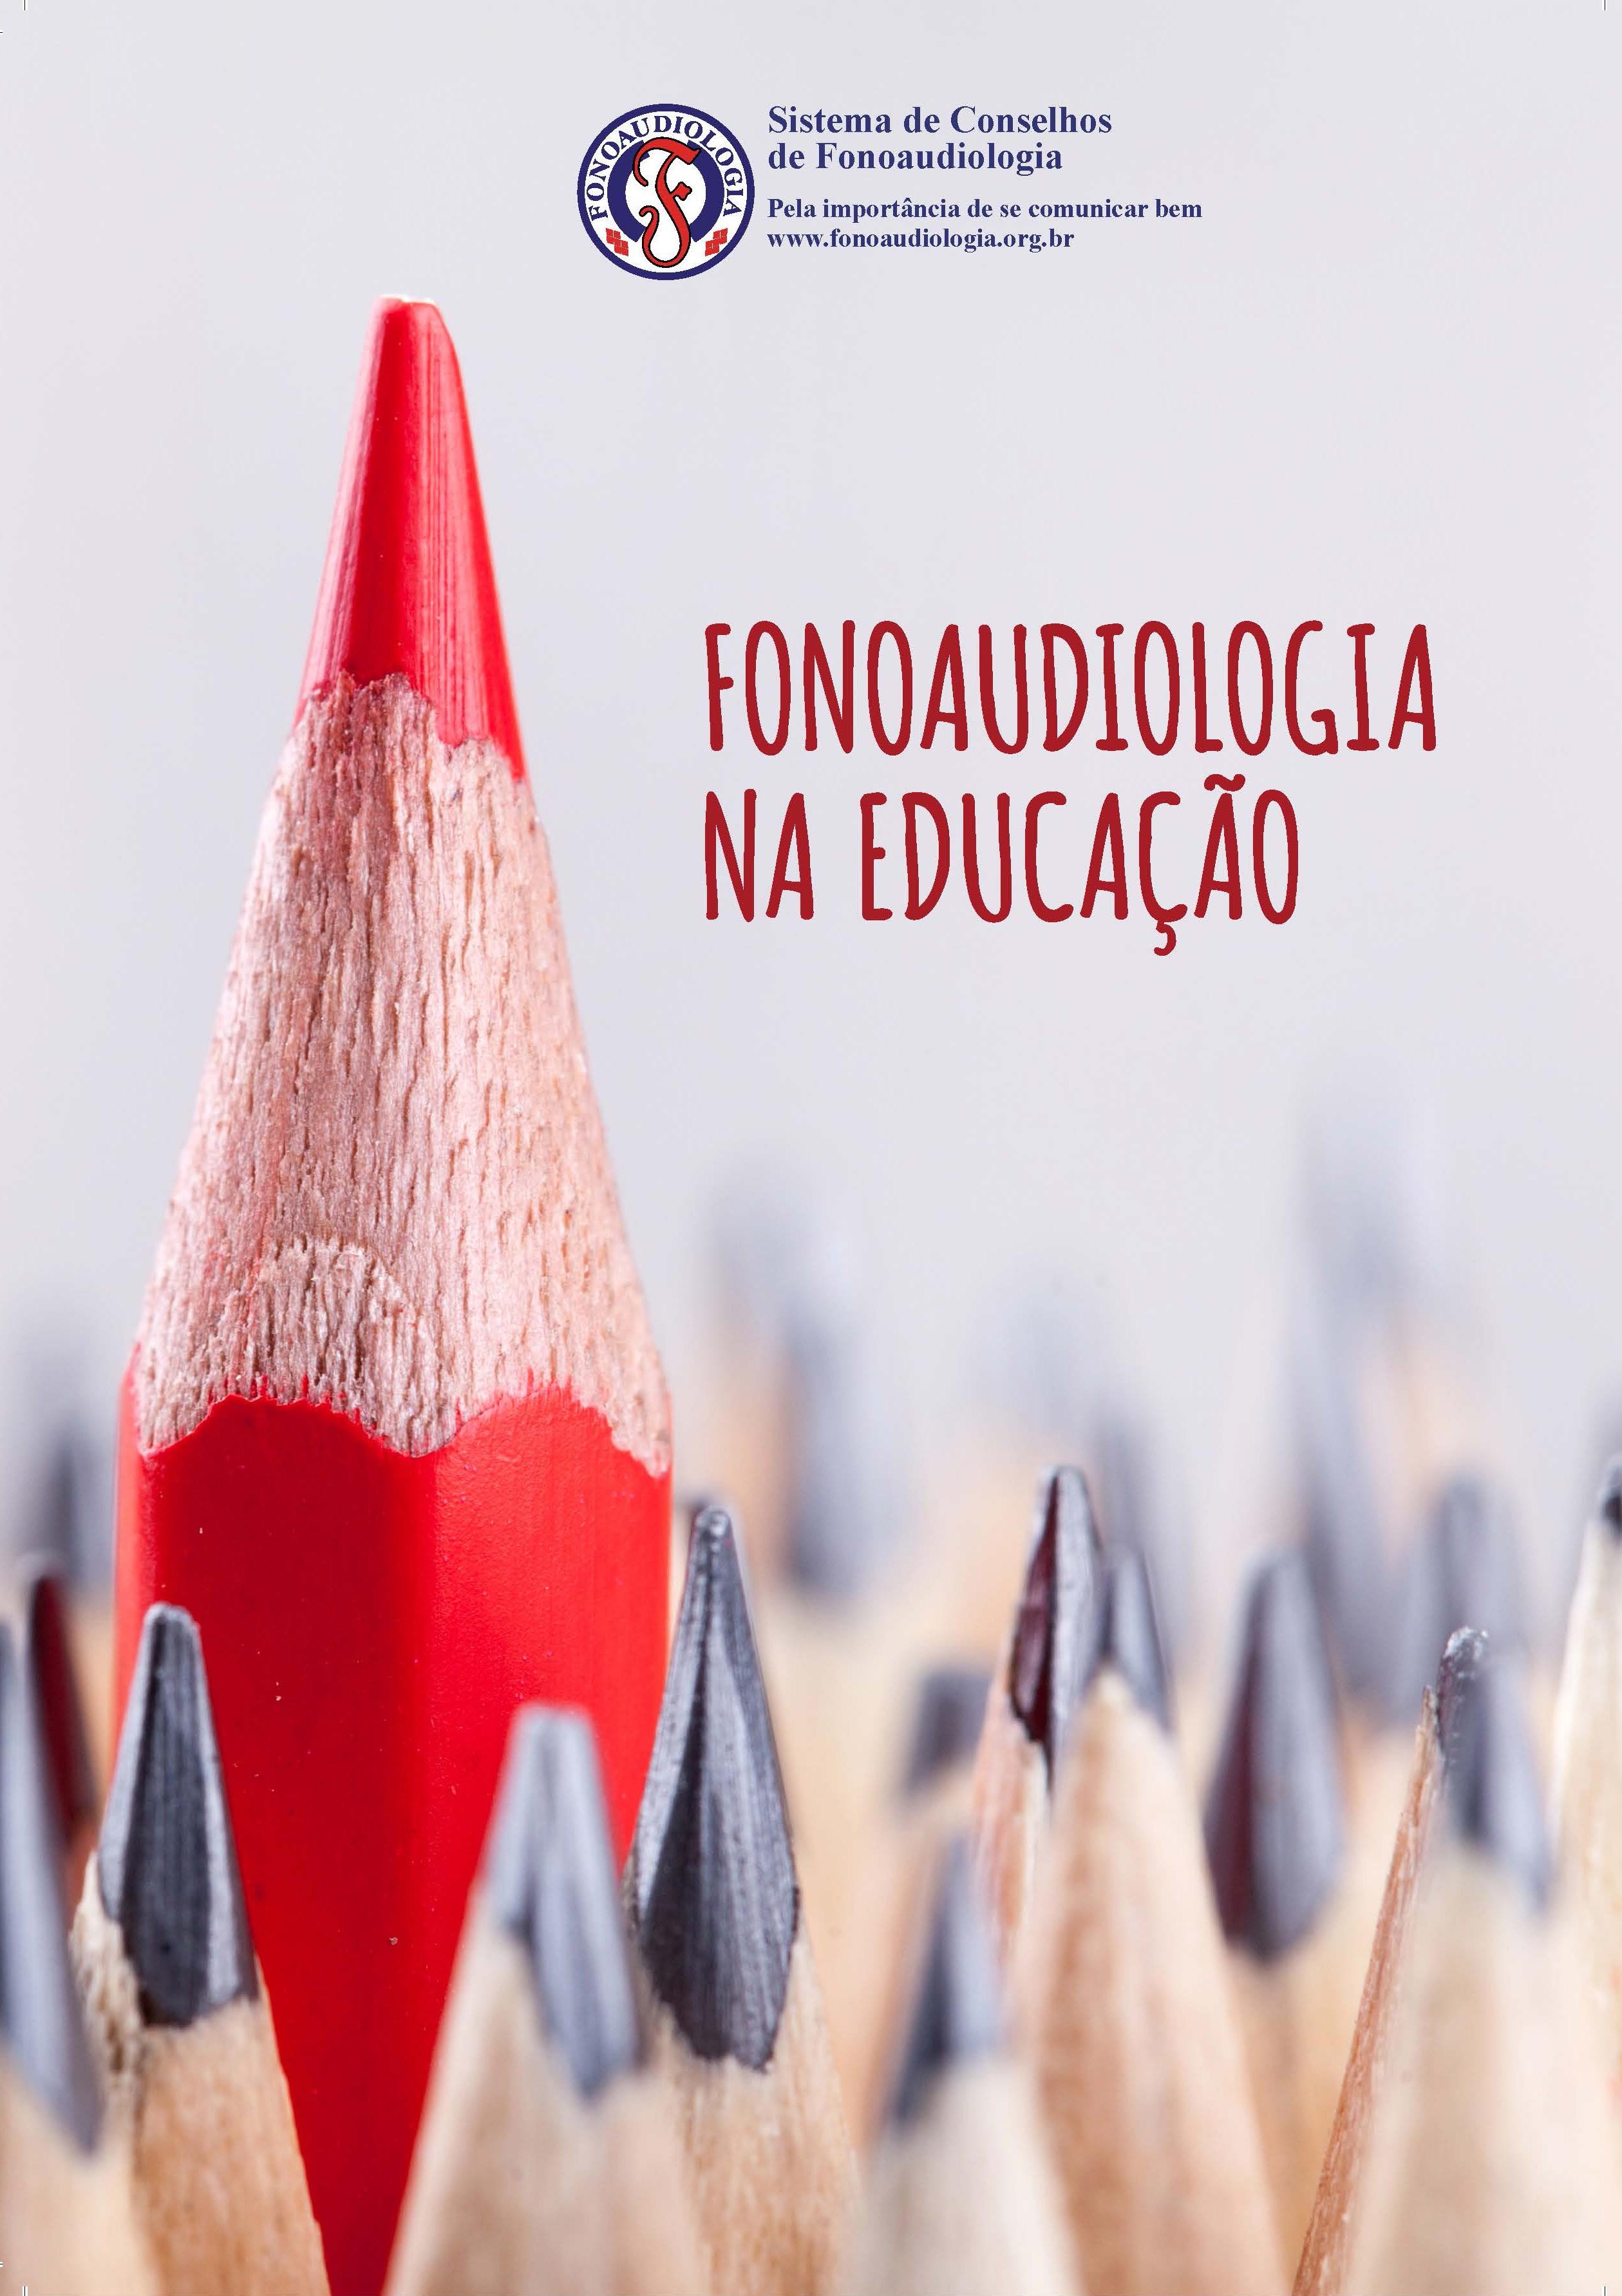 Cartilha: Fonoaudiologia na Educação